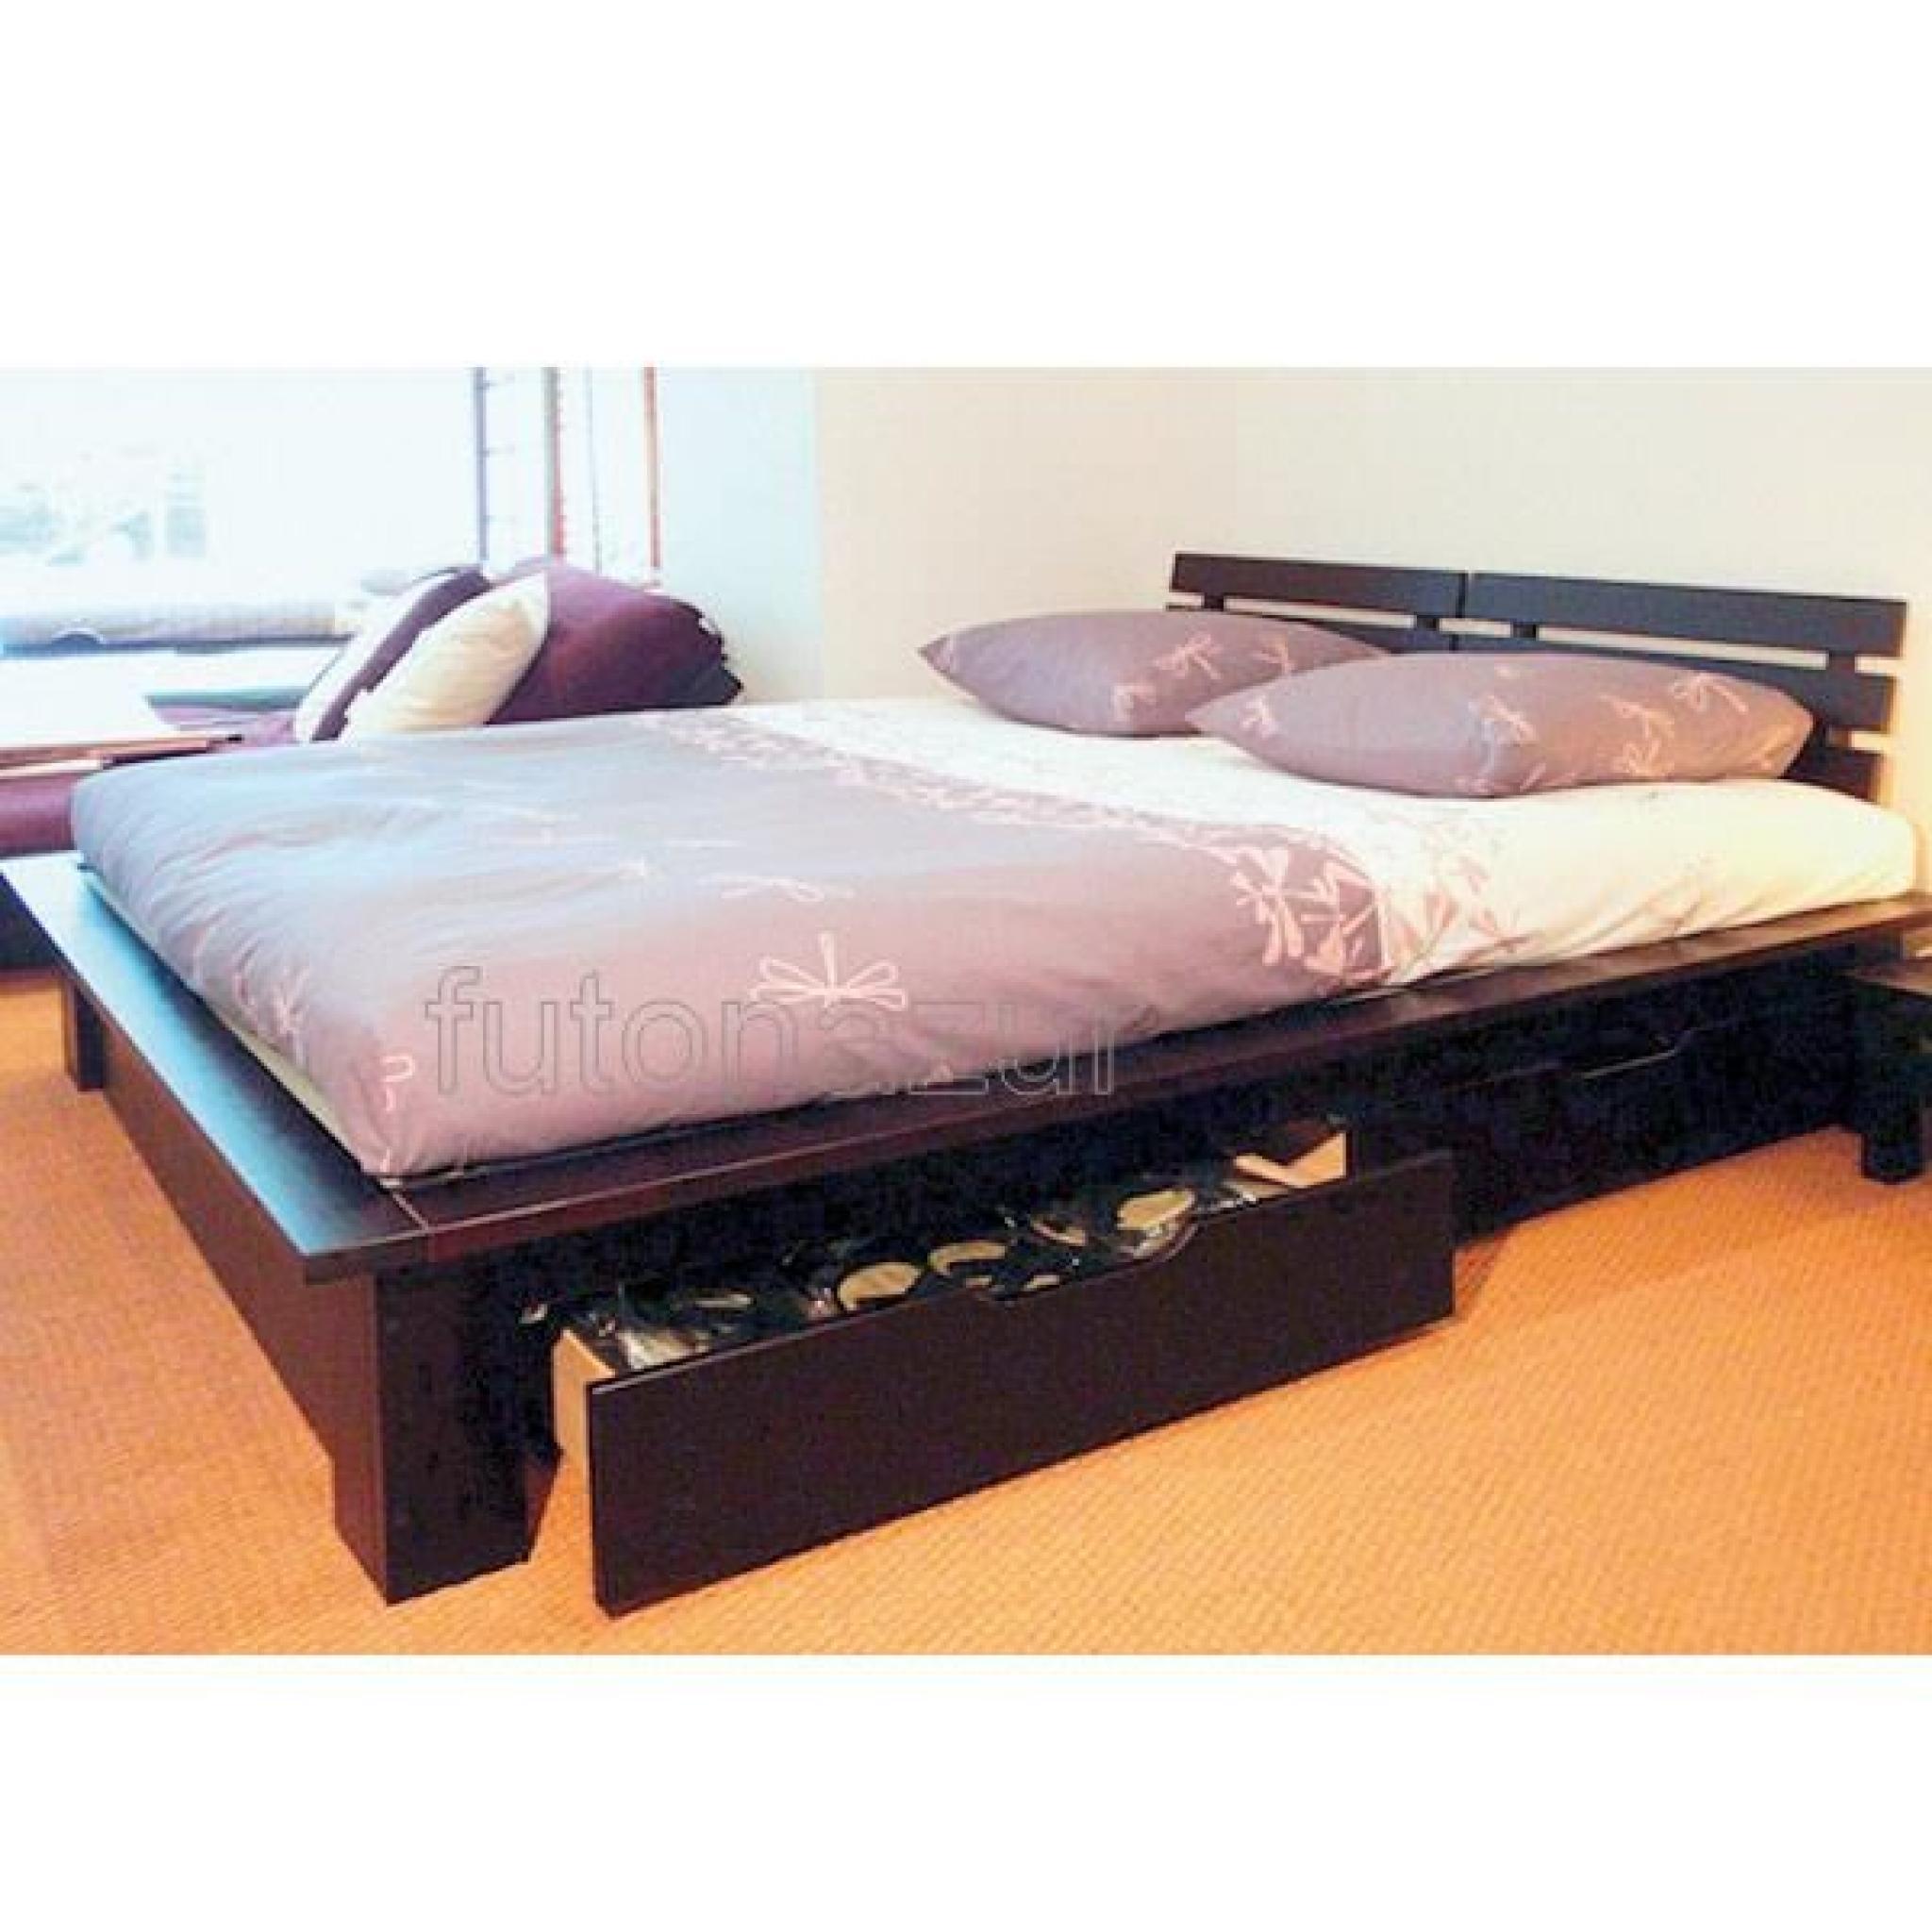 lit conptemporain avec rangement et matelas futon achat. Black Bedroom Furniture Sets. Home Design Ideas